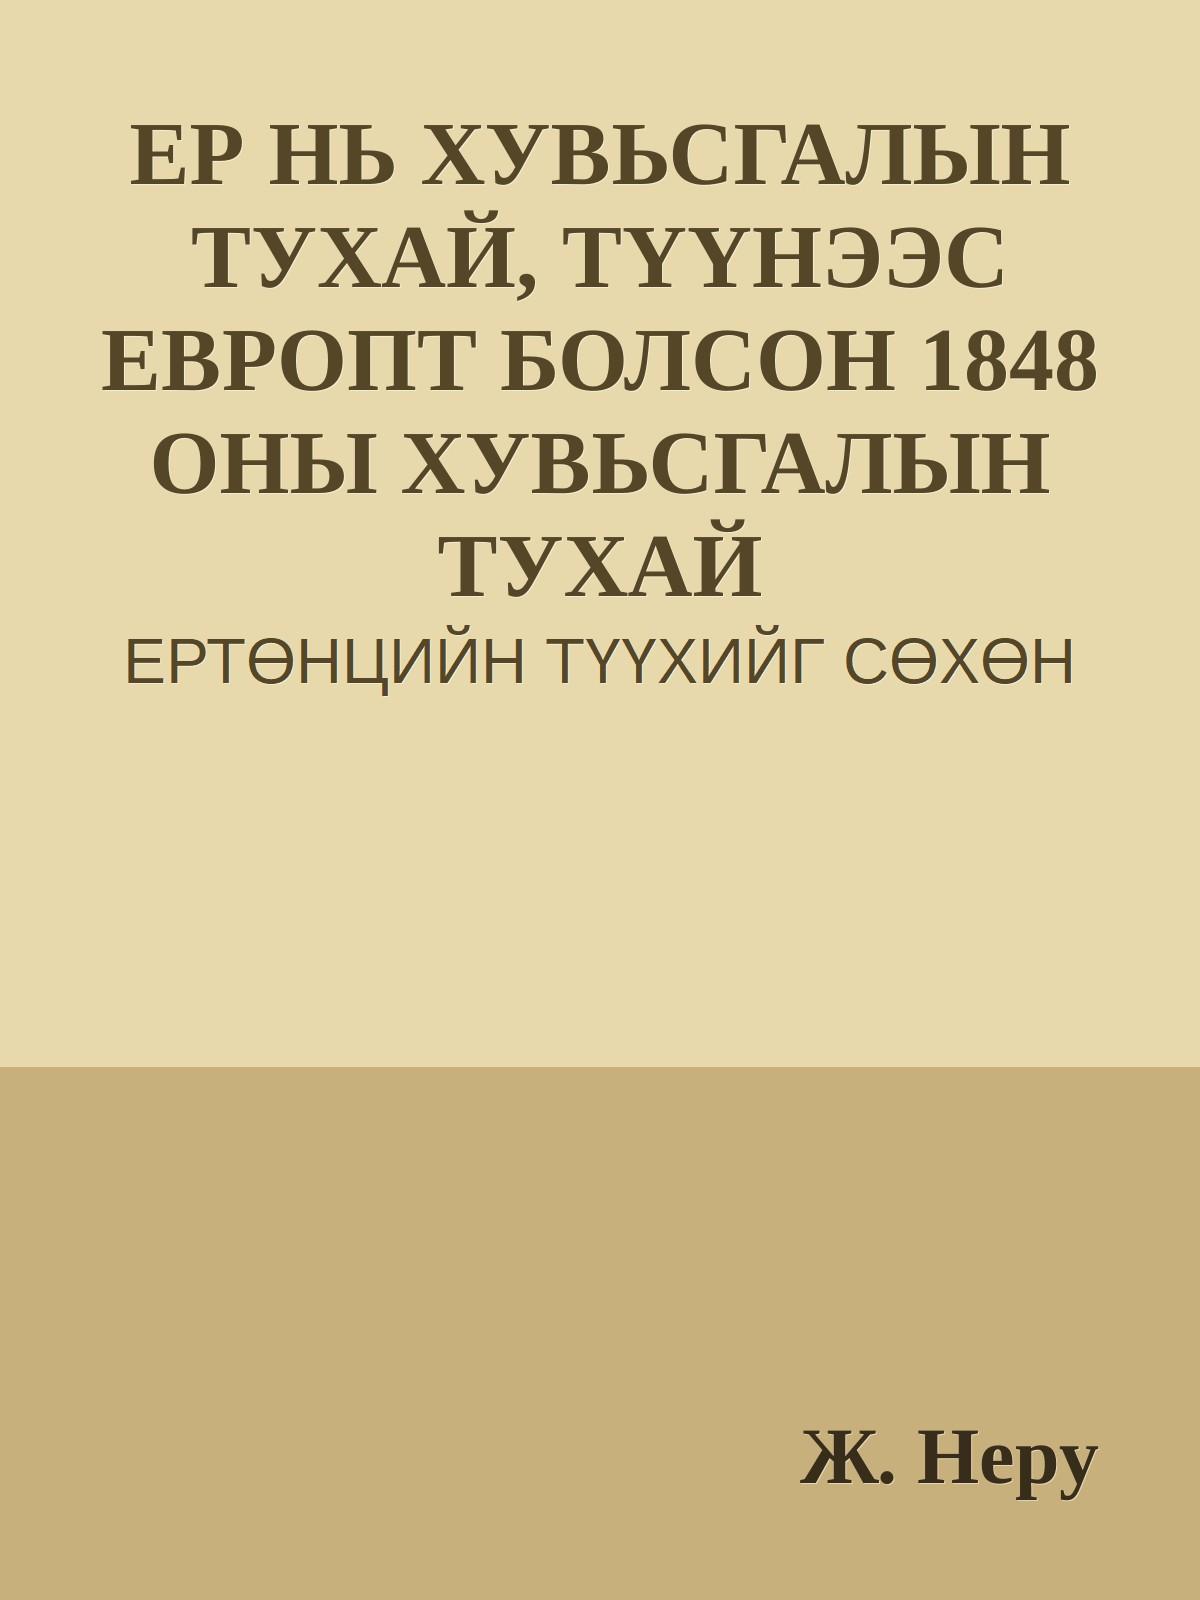 ЕР НЬ ХУВЬСГАЛЫН ТУХАЙ, ТҮҮНЭЭС ЕВРОПТ БОЛСОН 1848 ОНЫ ХУВЬСГАЛЫН ТУХАЙ